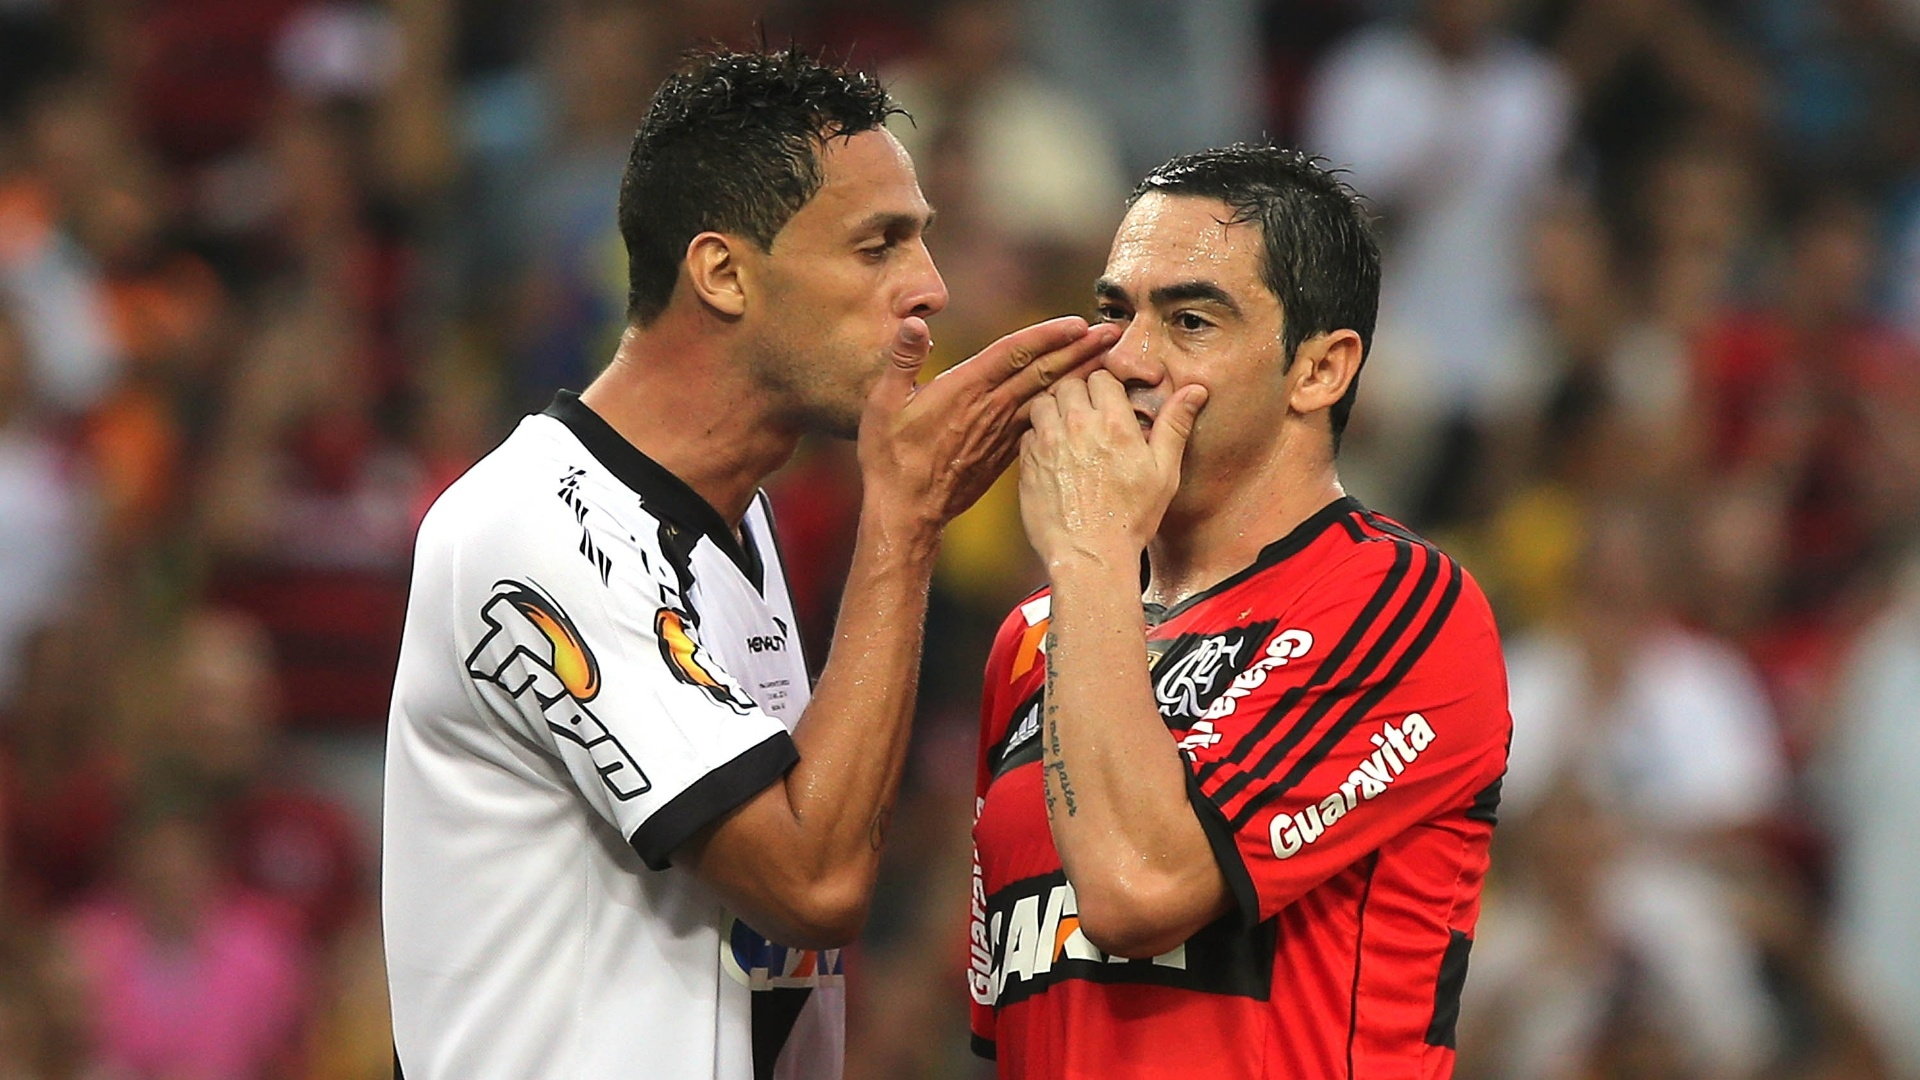 André Rocha e Chicão se desentendem e são expulsos da decisão do Carioca